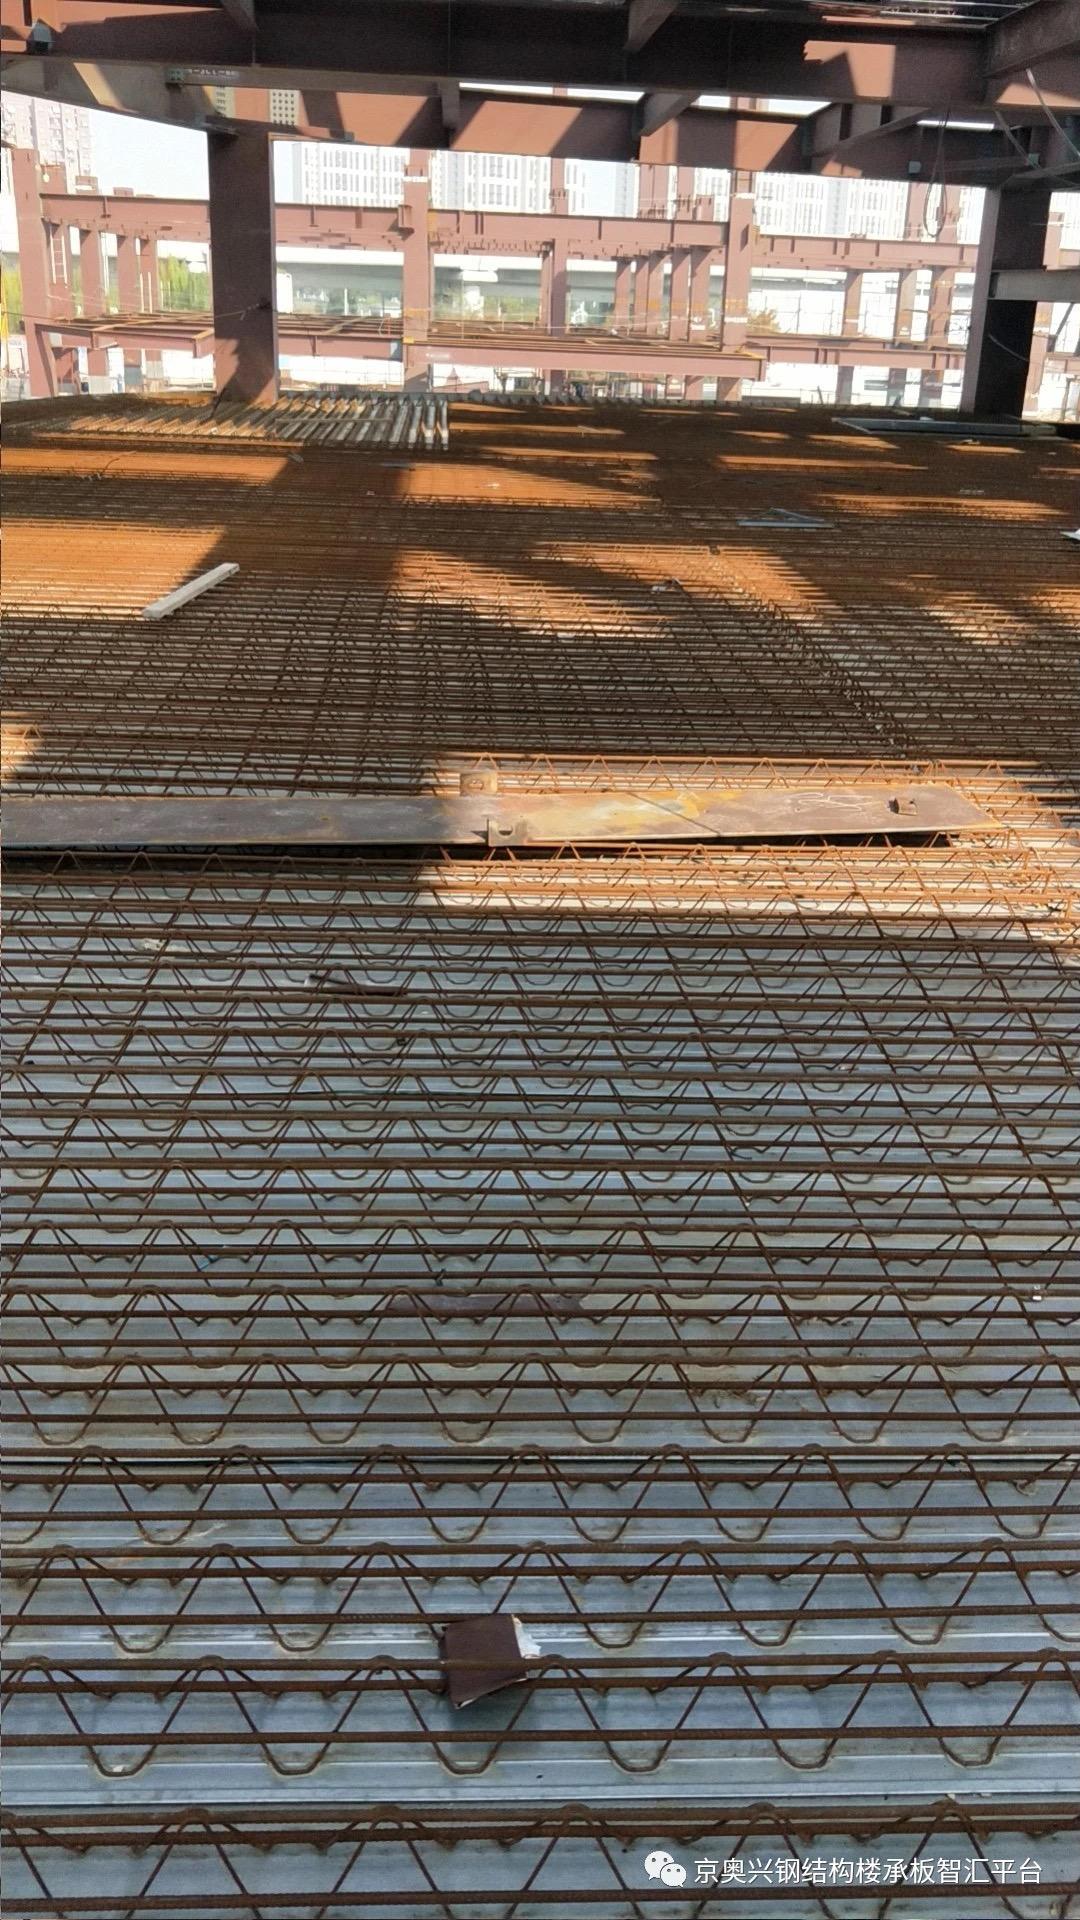 京奥兴钢筋桁架楼承板